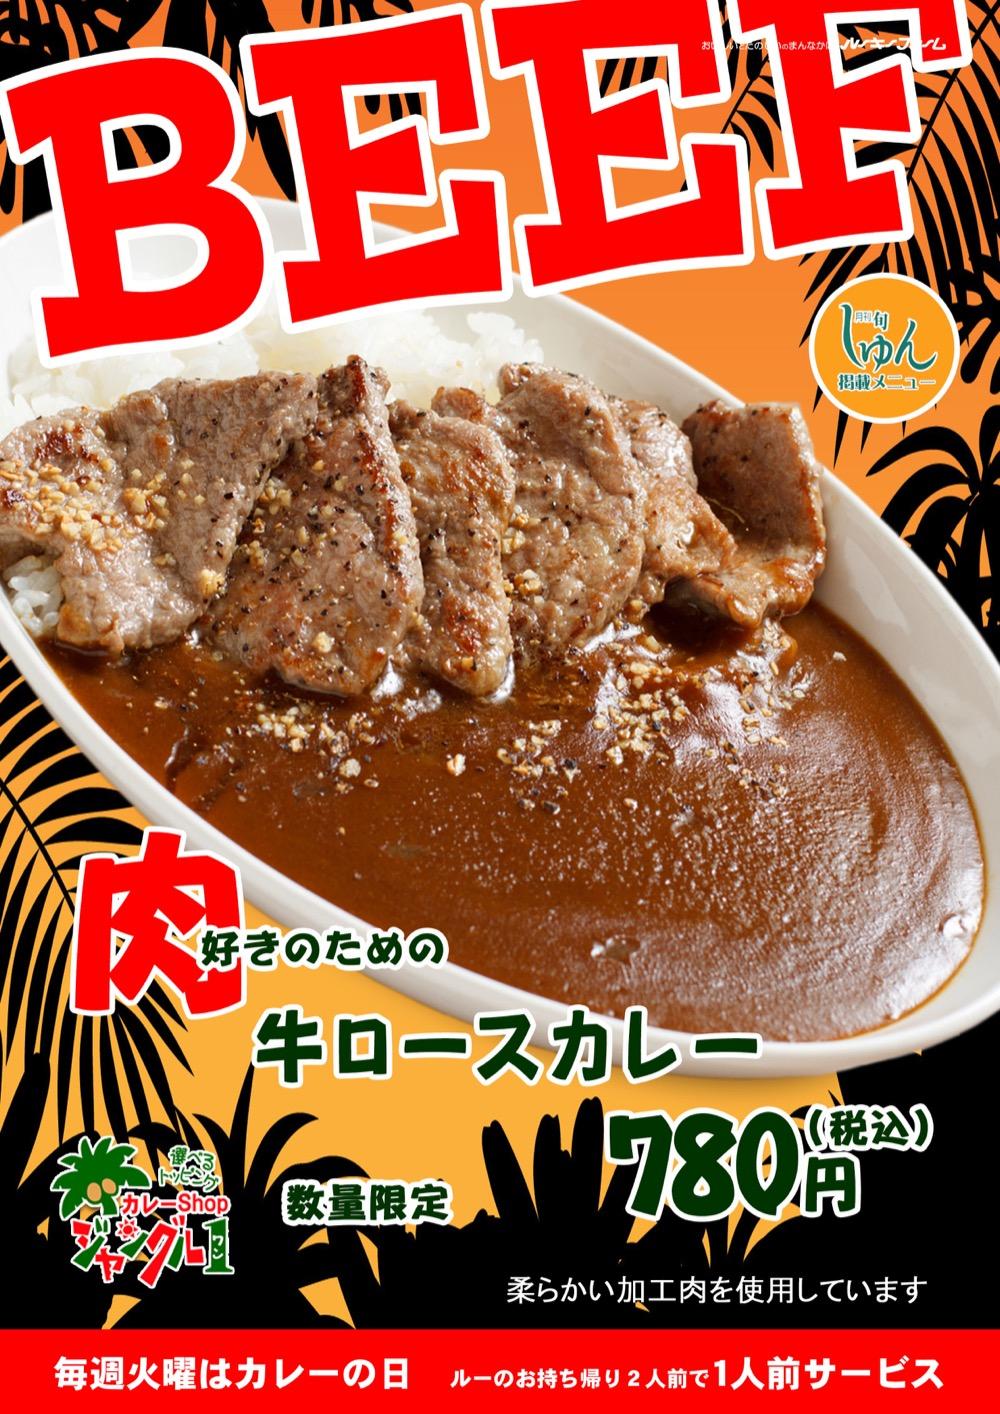 牛ロースカレー 780円